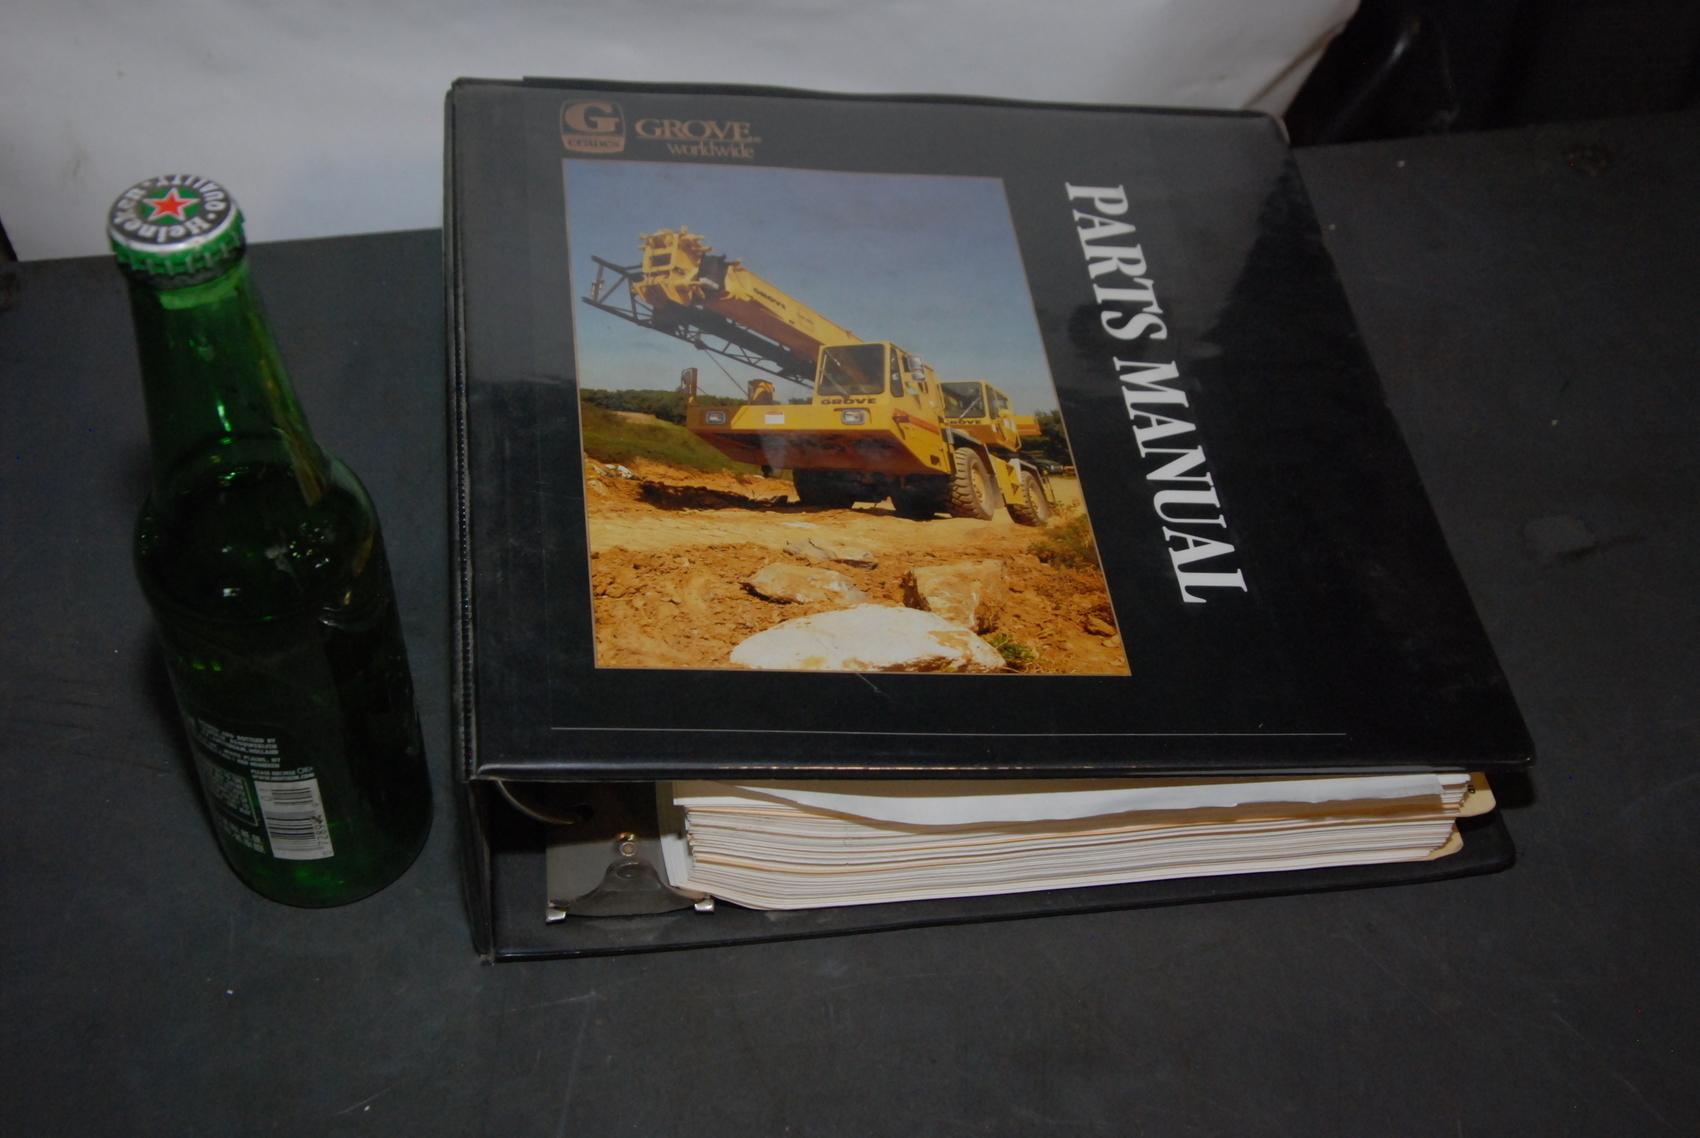 GROVE RT733 Crane parts manual nopl